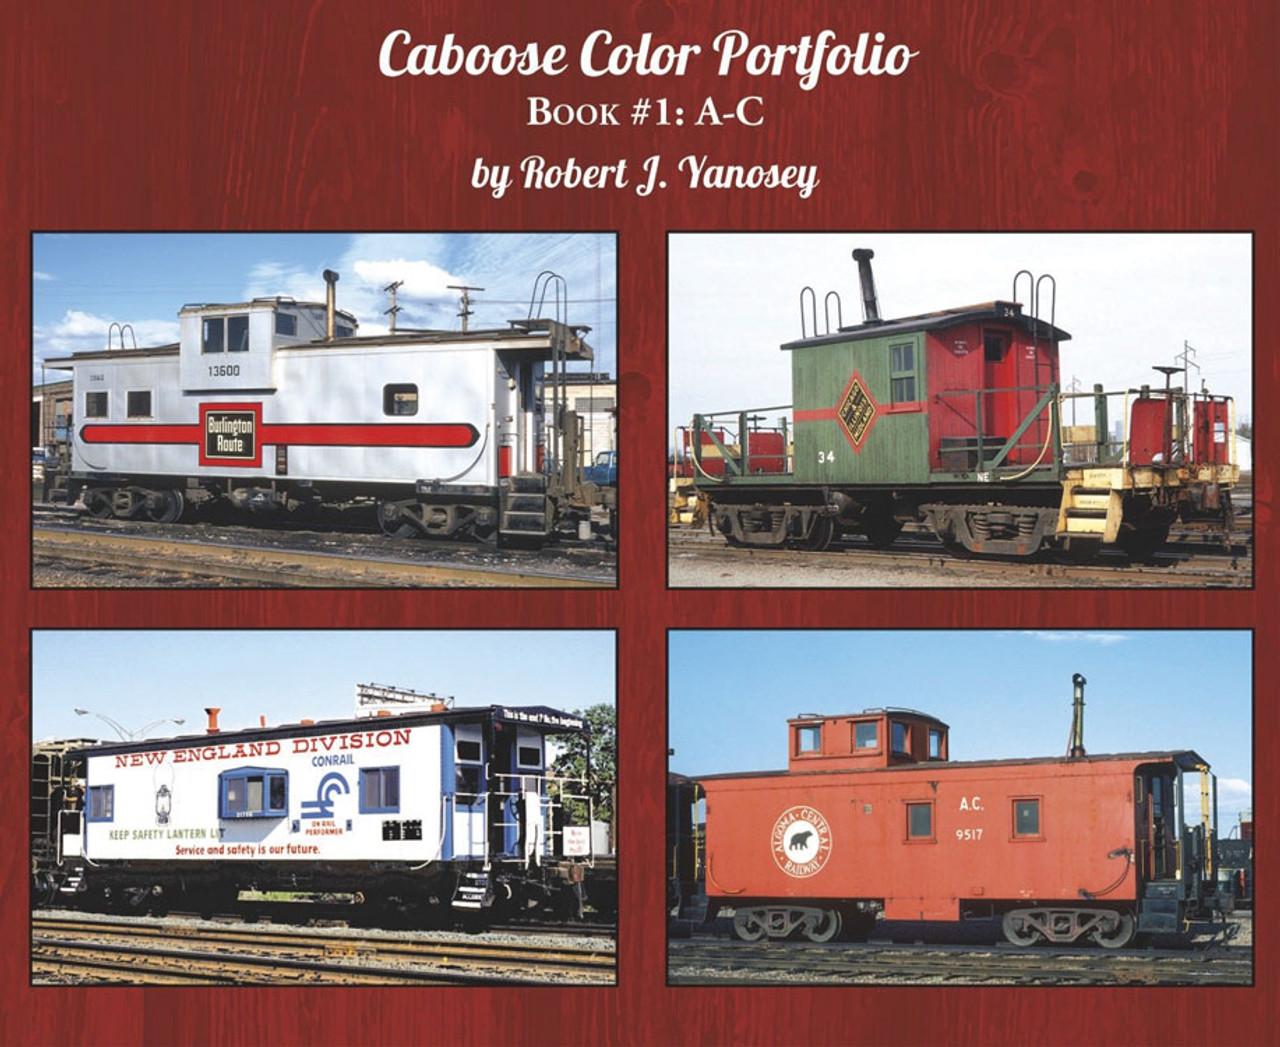 Caboose Color Portfolio -- Book 1: A-C (Soft Cover)